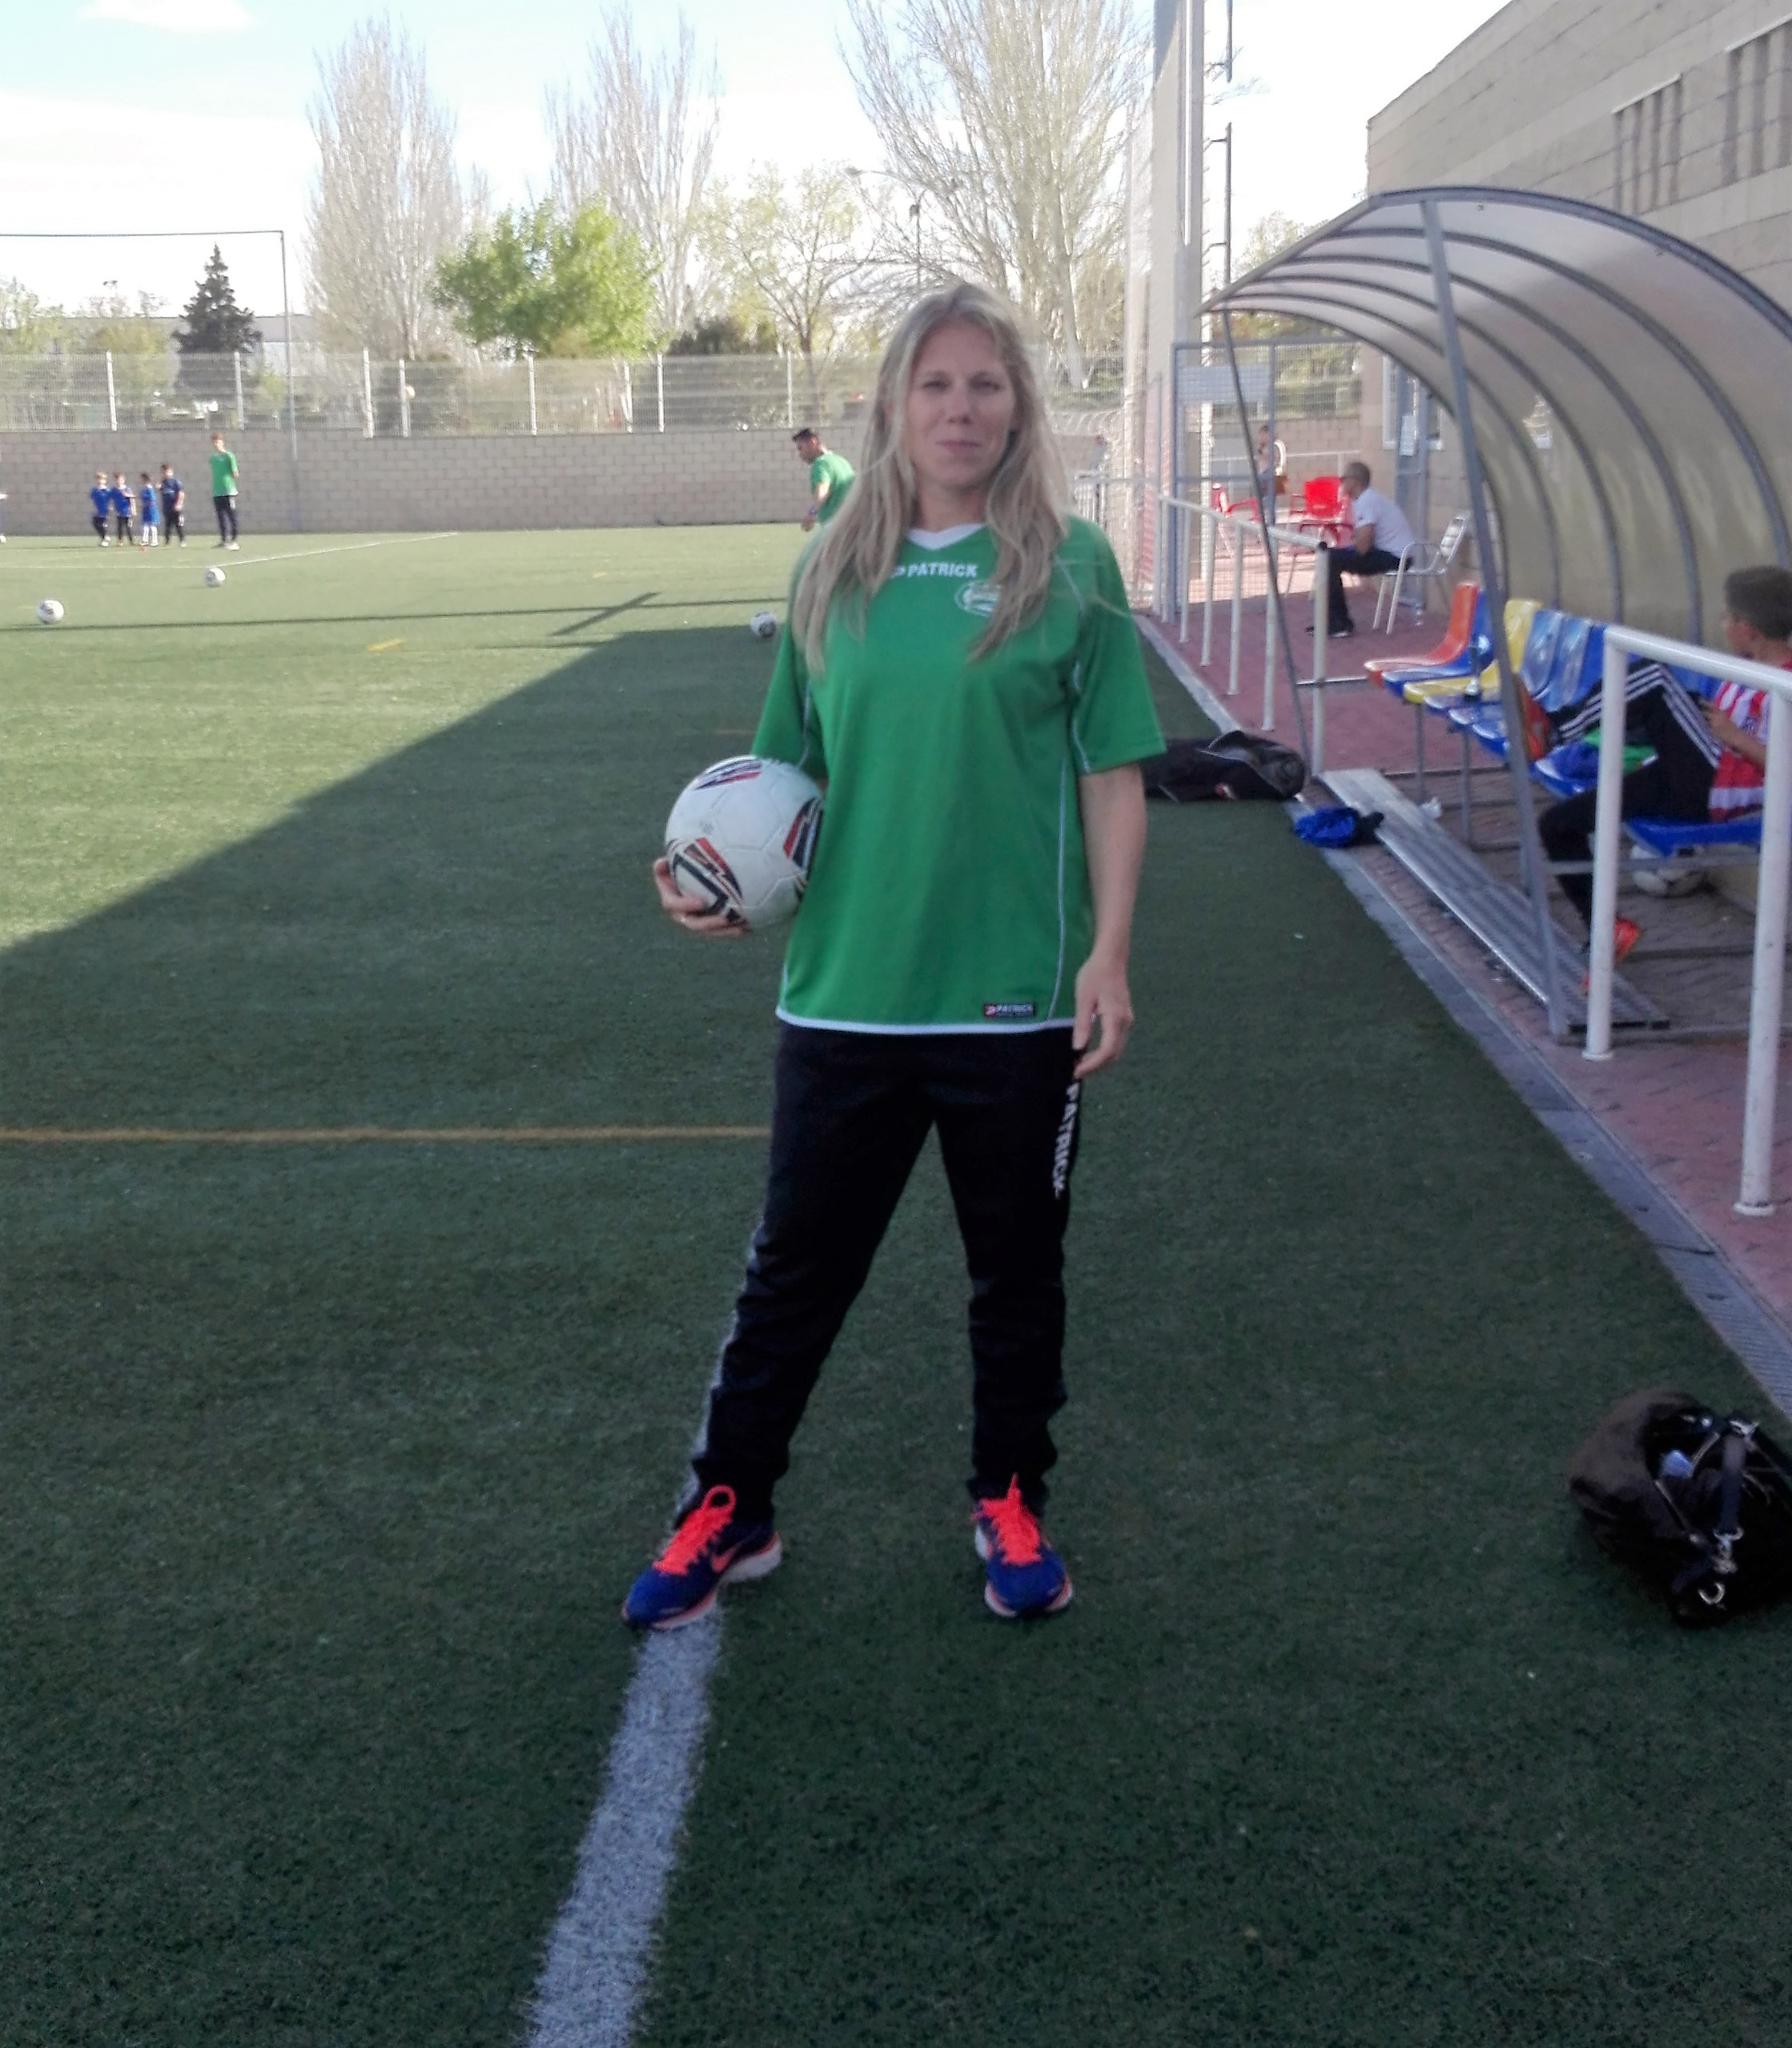 La vida de Isabel siempre ha estado ligada al fútbol y espera que así continúe.